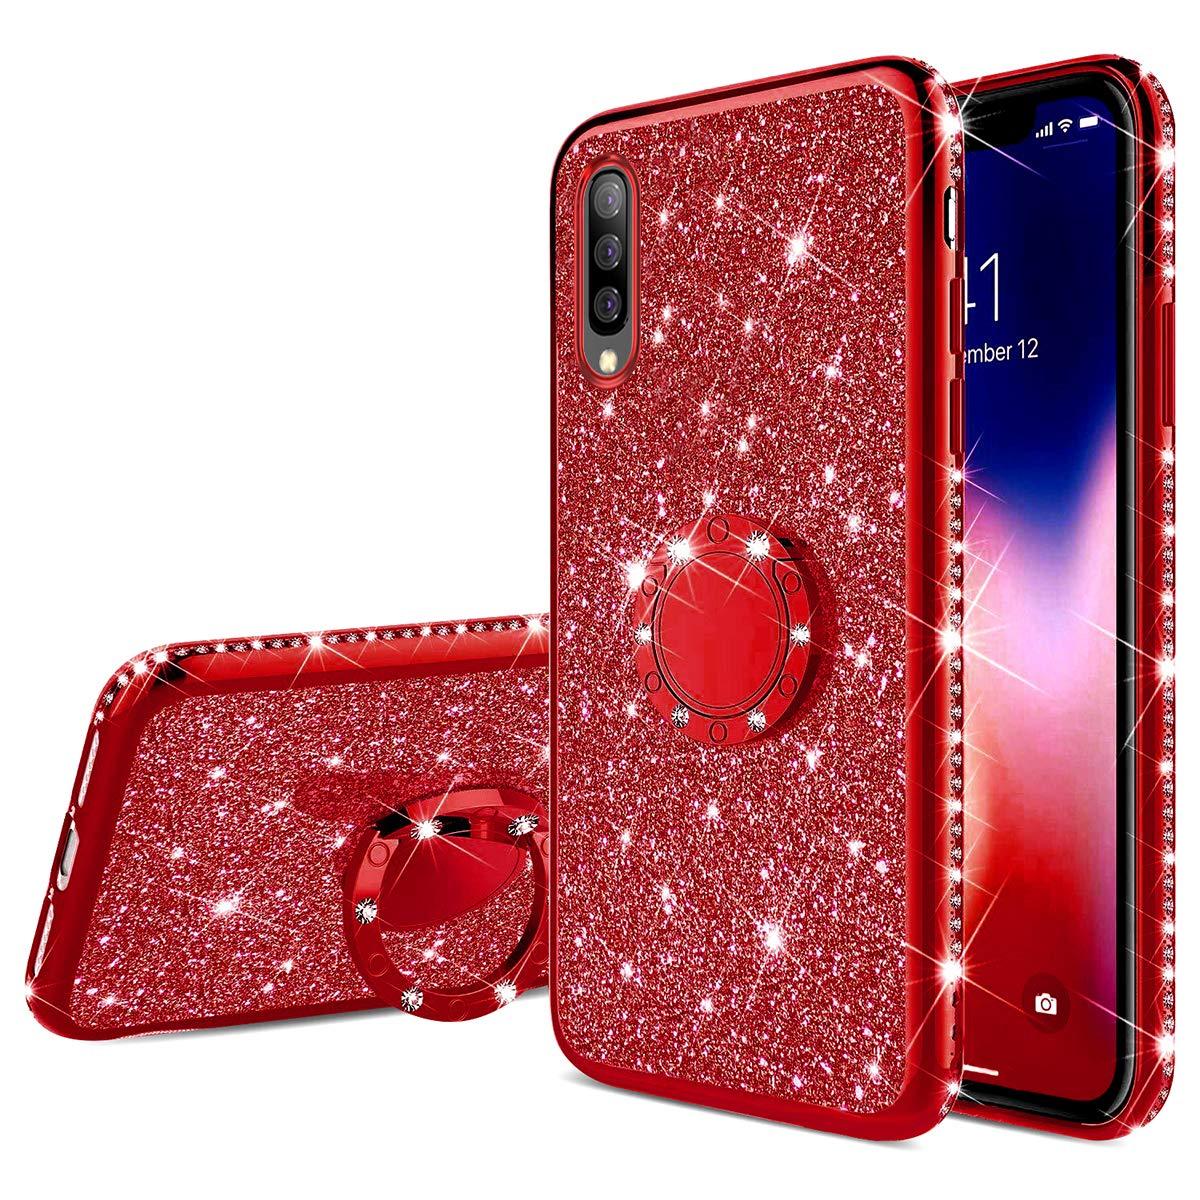 Glitter Case For Xiaomi Mi 9 se A3 A2 Lite CC9 CC9E Diamond Case for Xiaomi Redmi Note 7 8 5 8T Redmi 8 8A 7A 6A 6 K20 Pro Cover